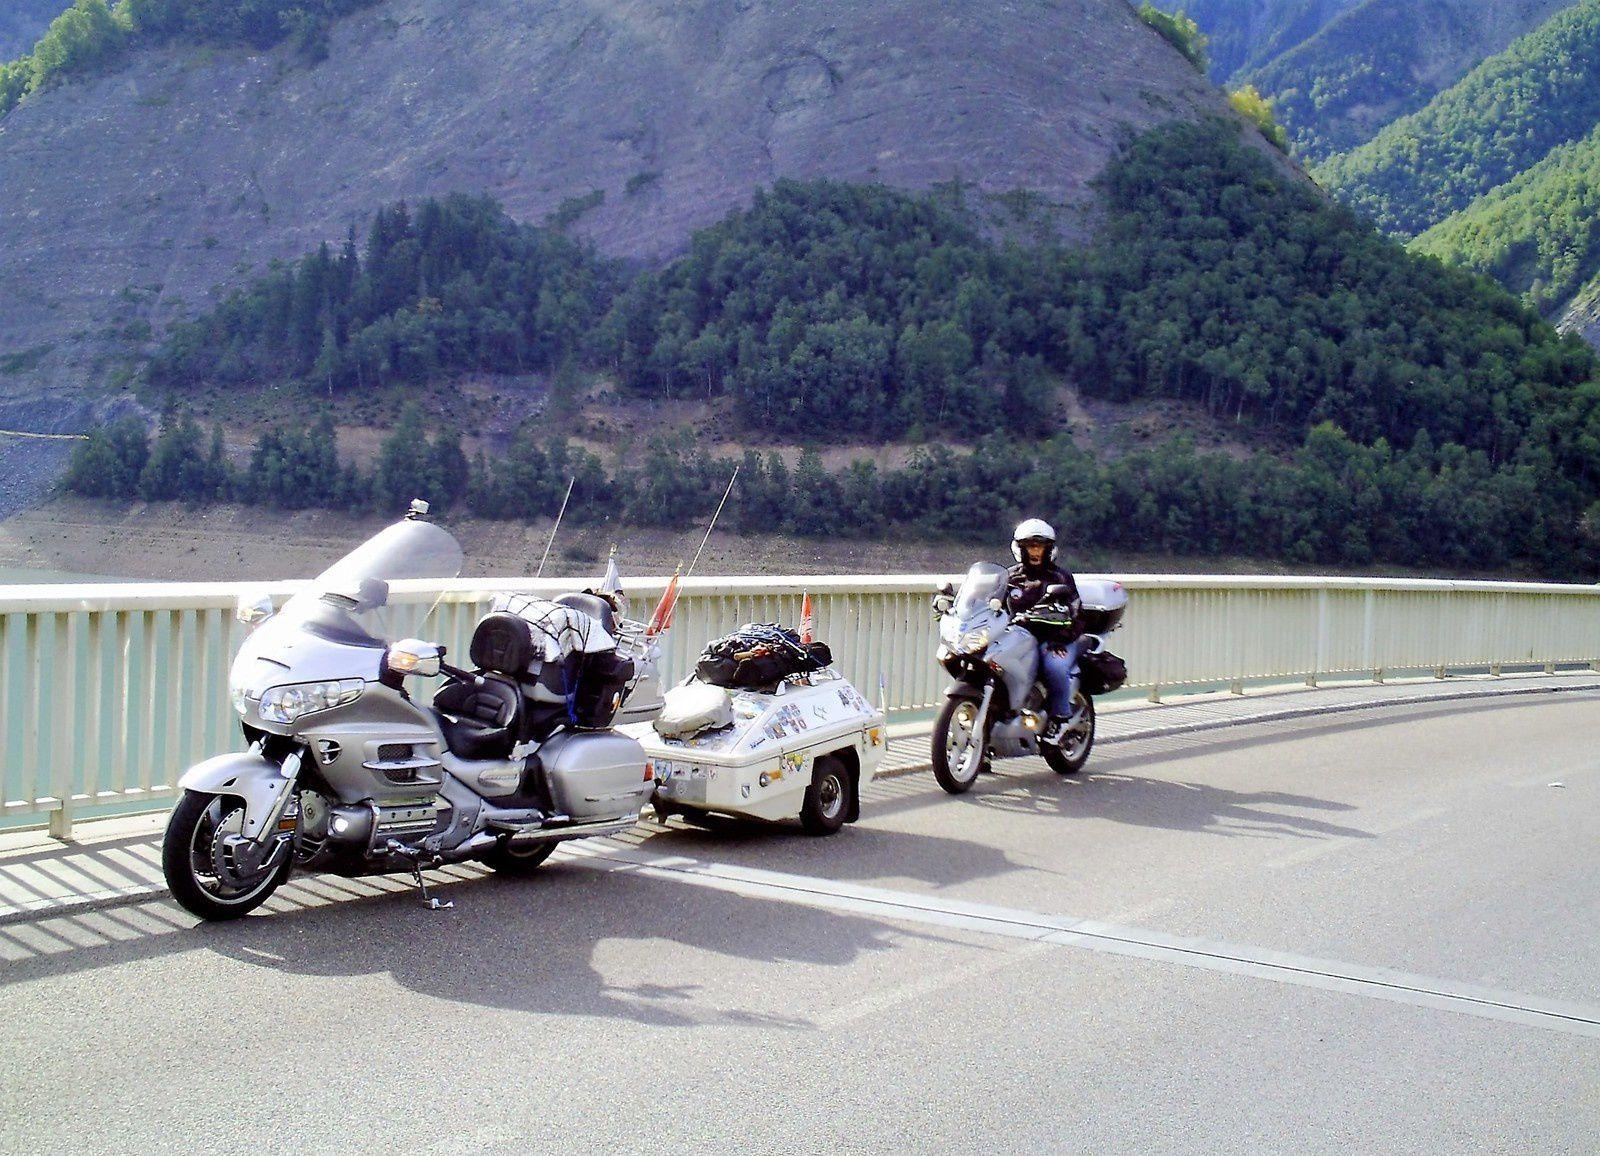 Goldwing - Notre voyage dans les Hautes-Alpes en Goldwing 1800 et Varadero 125 - 2ème jour 1/3